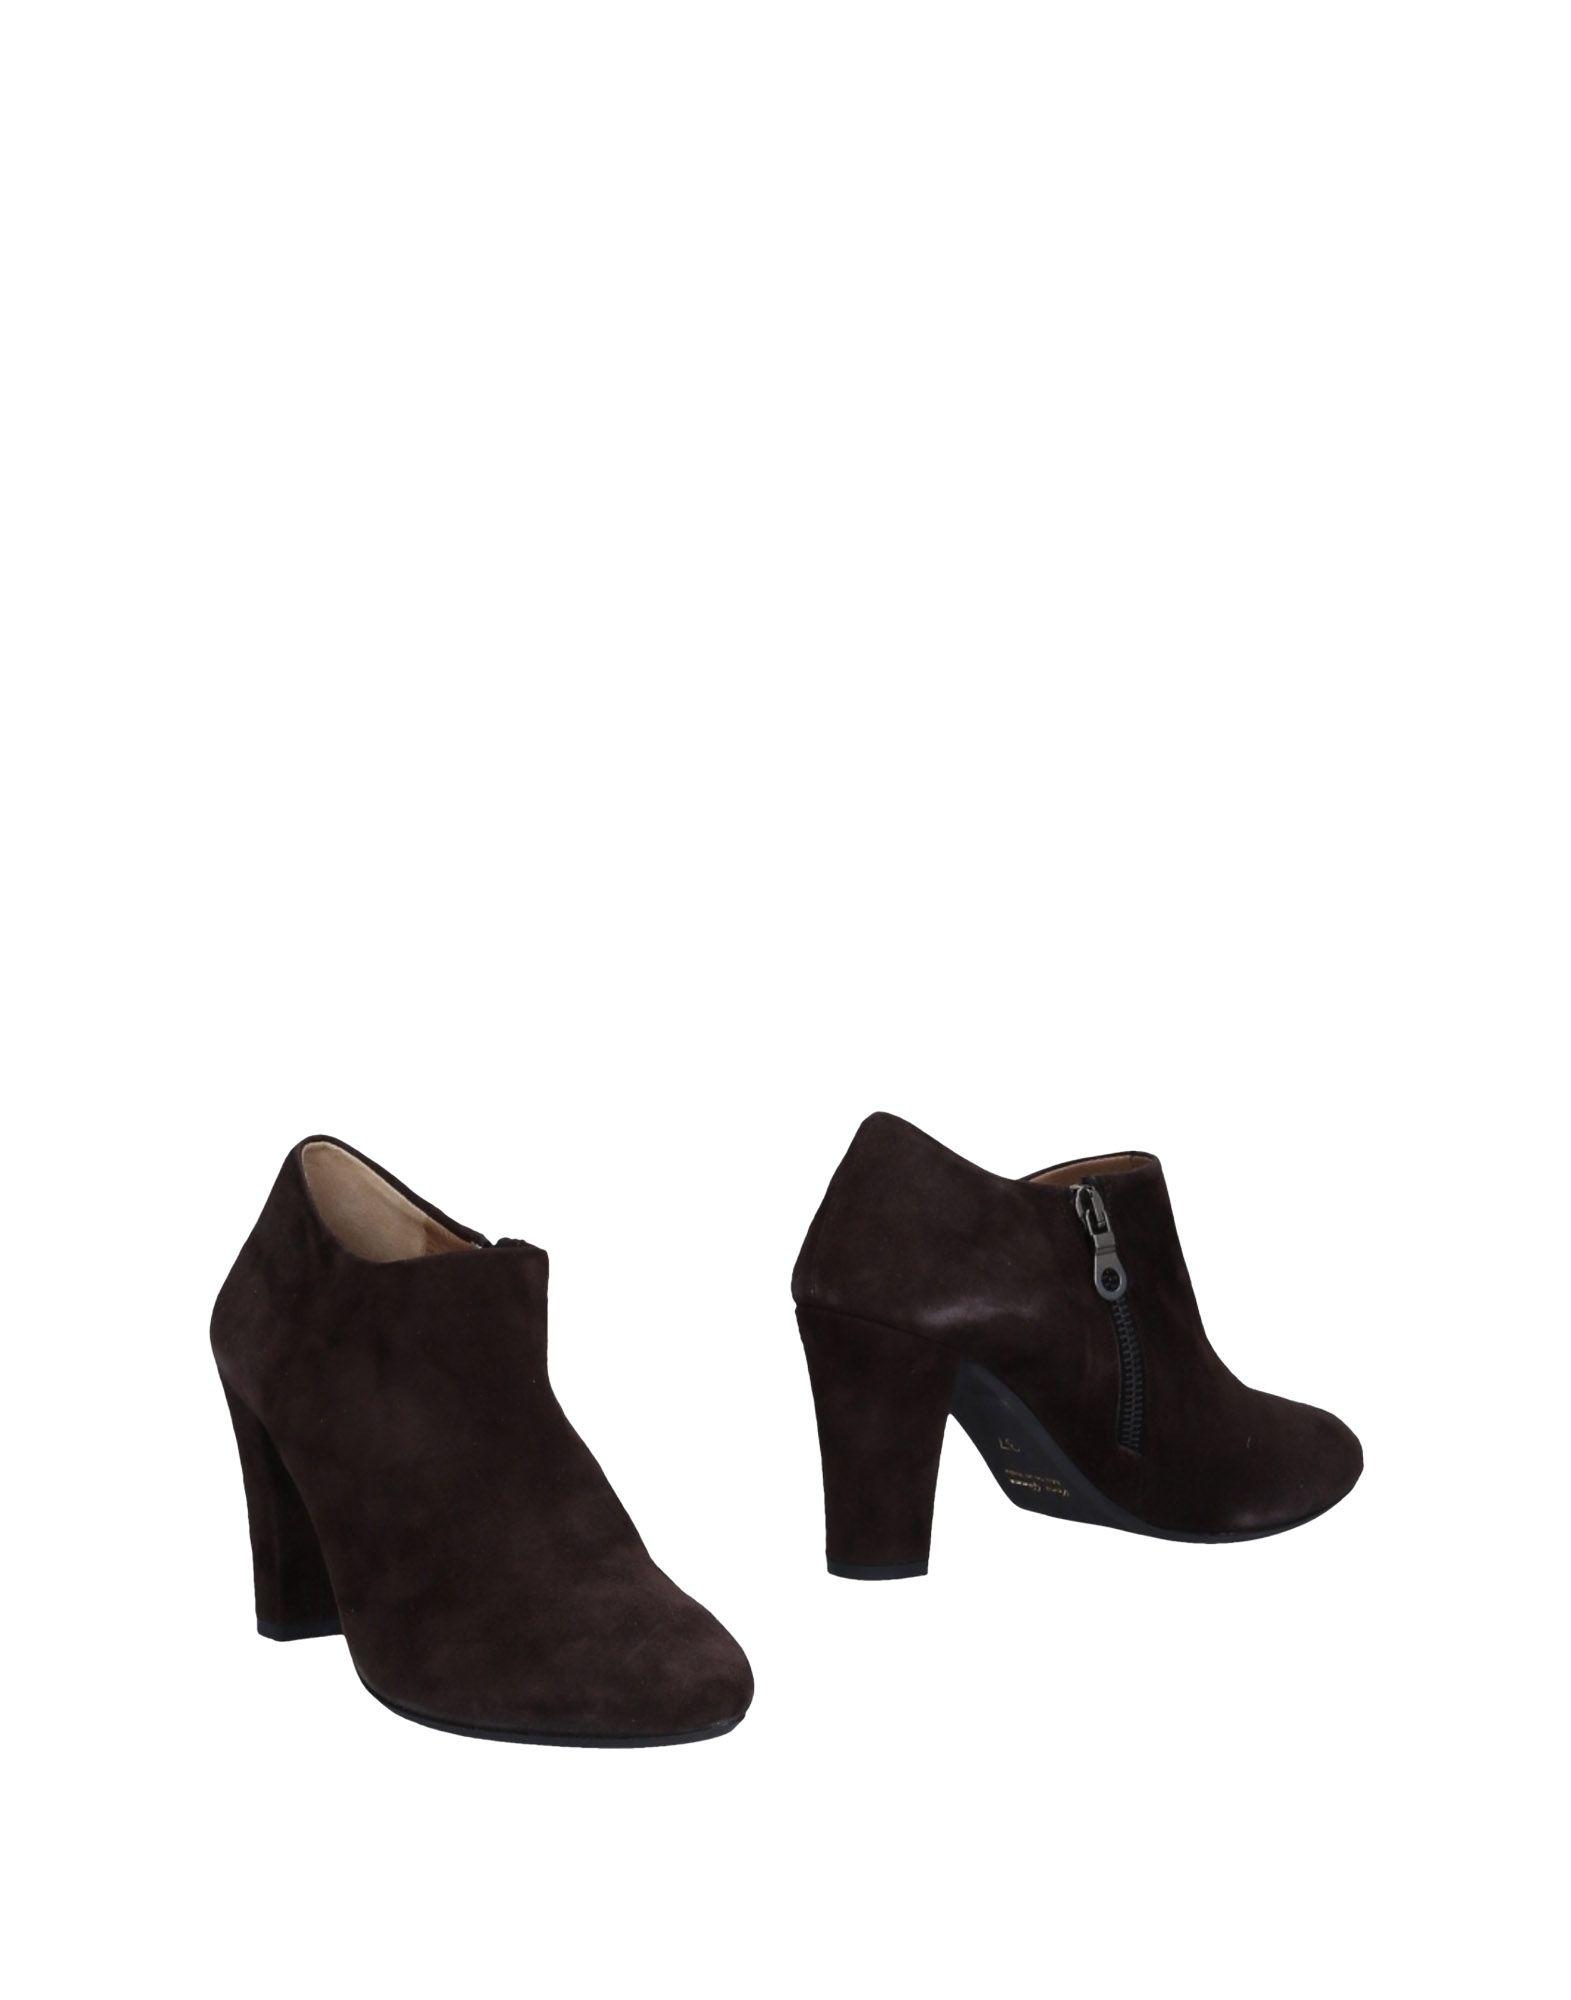 Manifattura National Stiefelette Damen  11474451VP Gute Qualität beliebte Schuhe